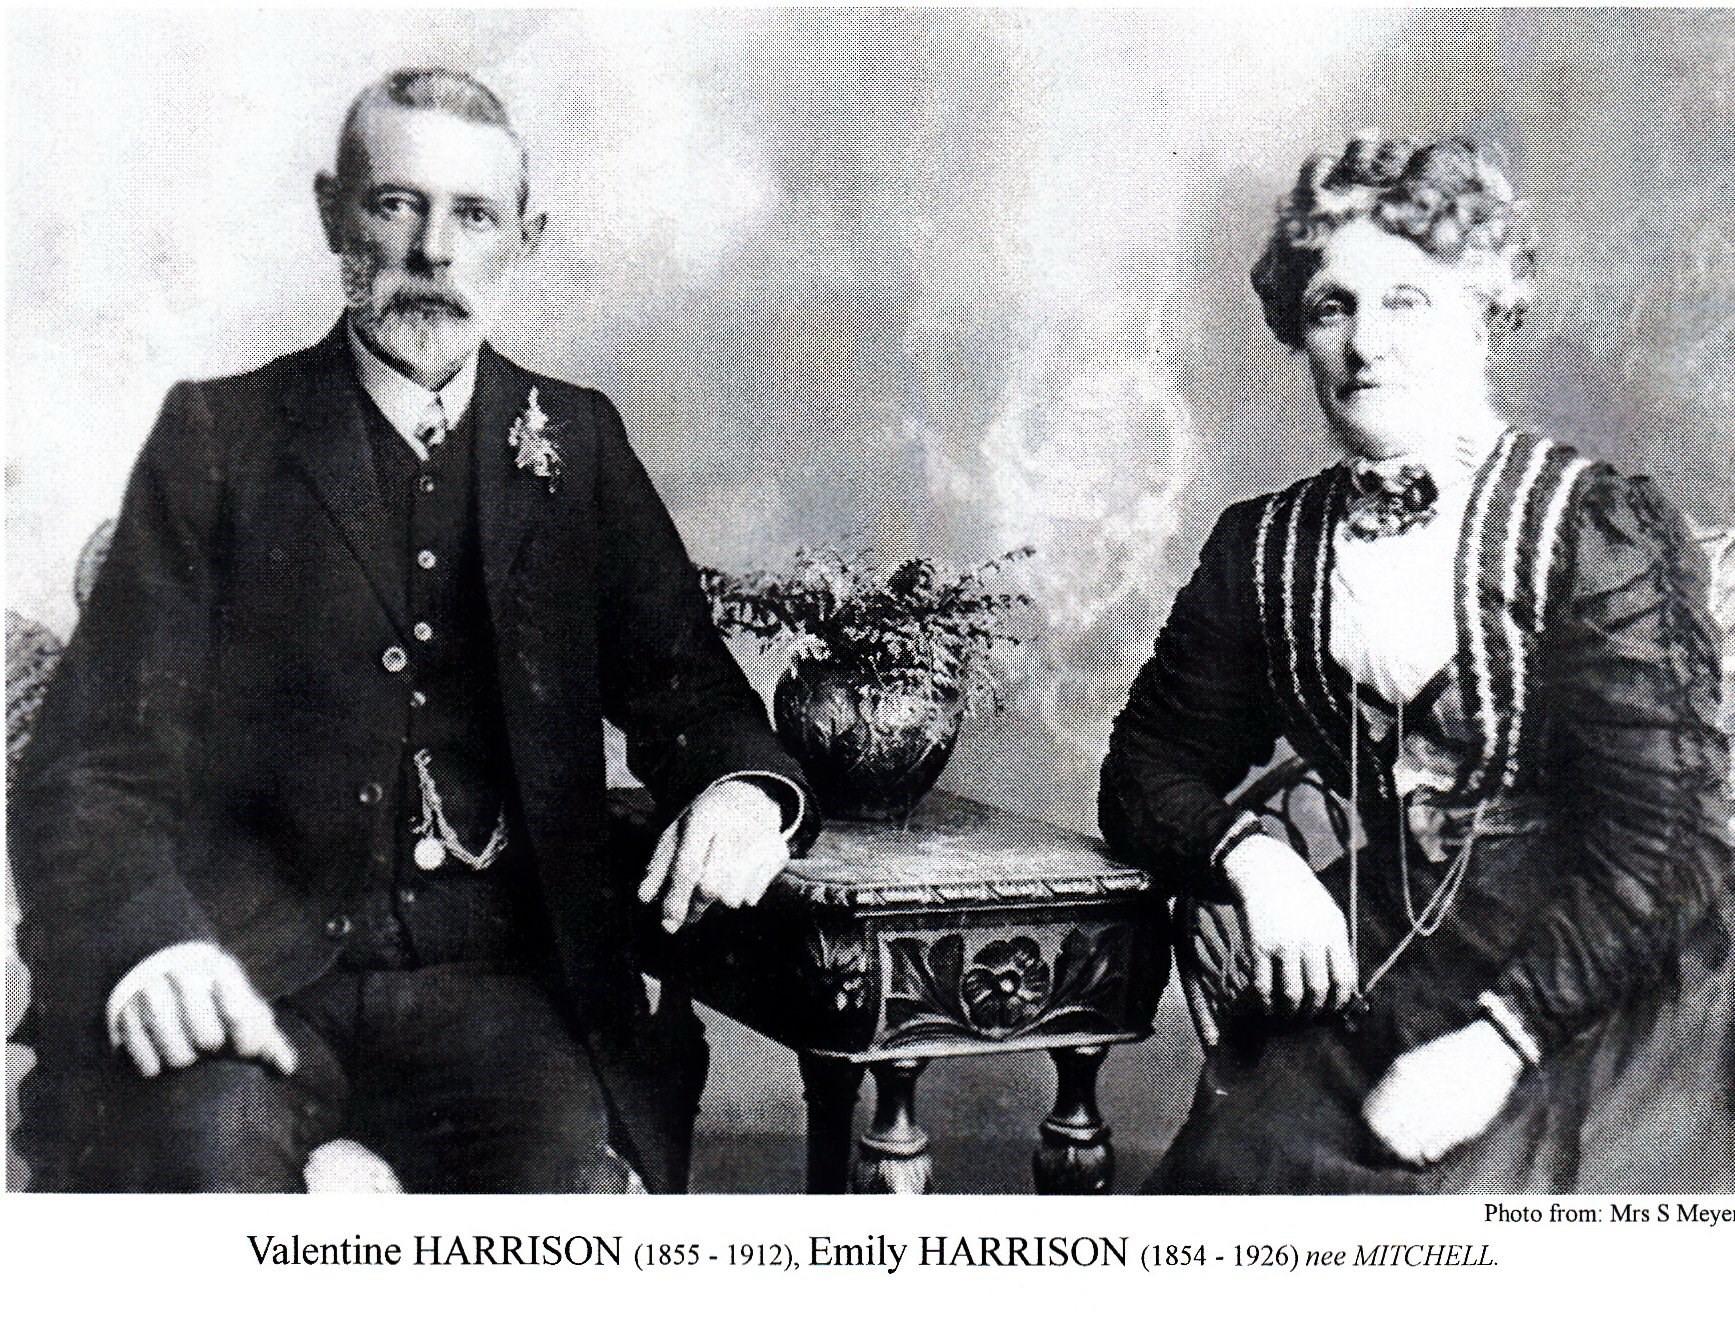 Valentine Harrison